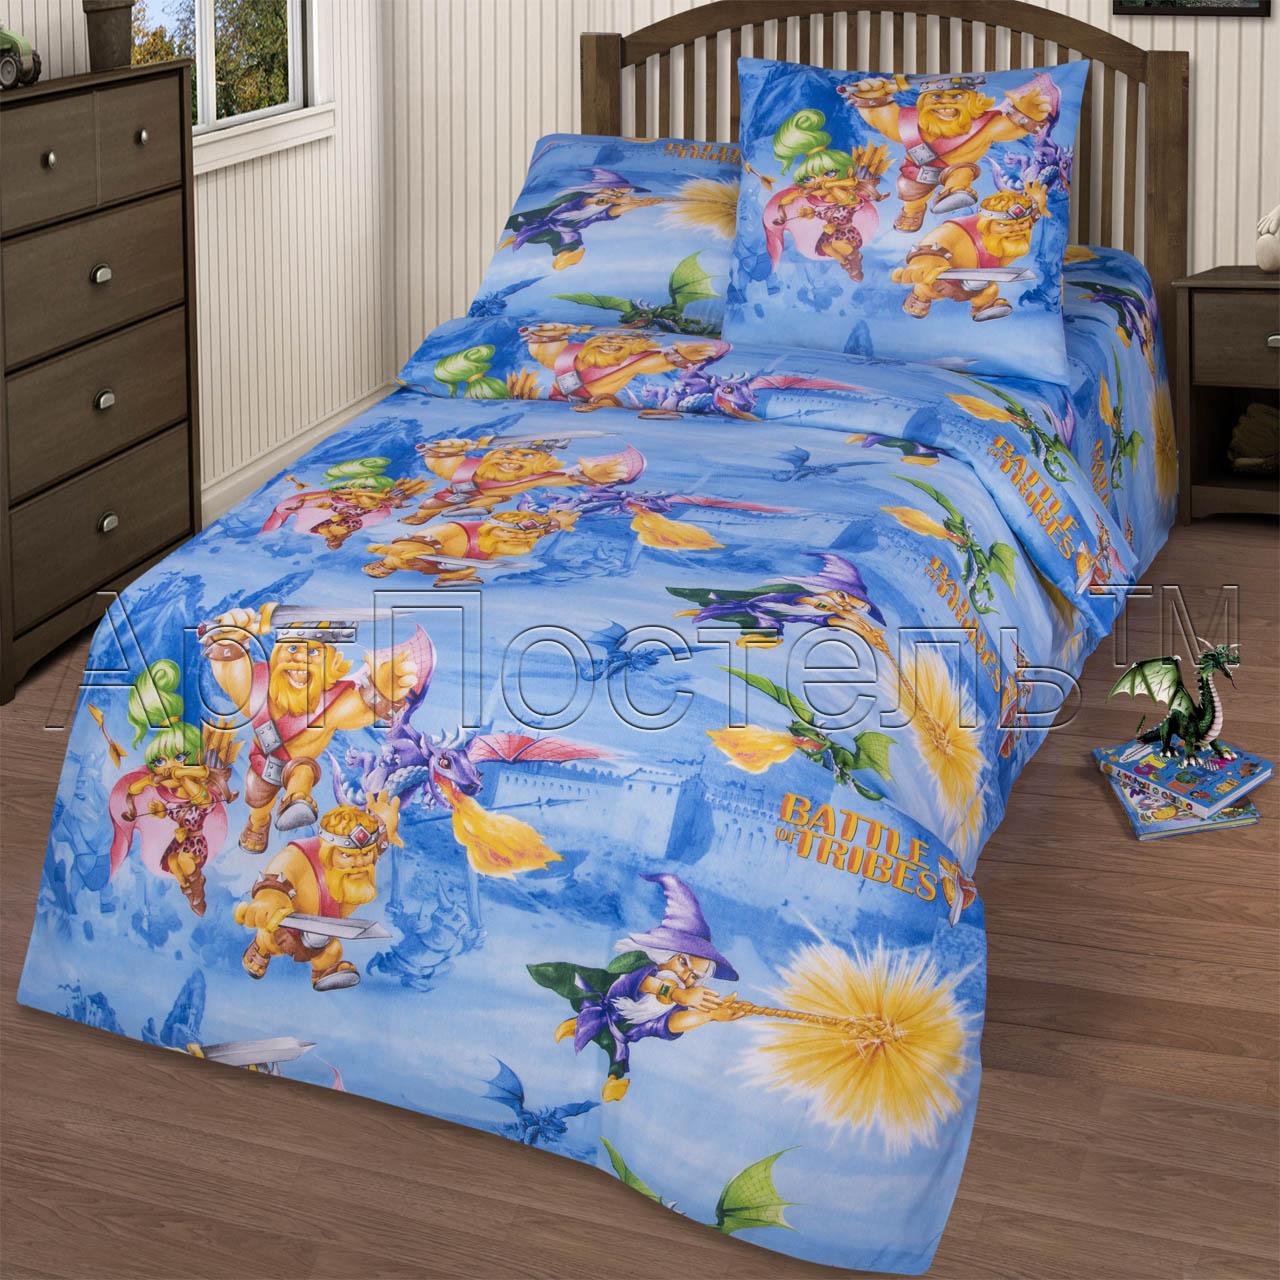 Купить детское постельное белье Легенда -- АртПостель онлайн